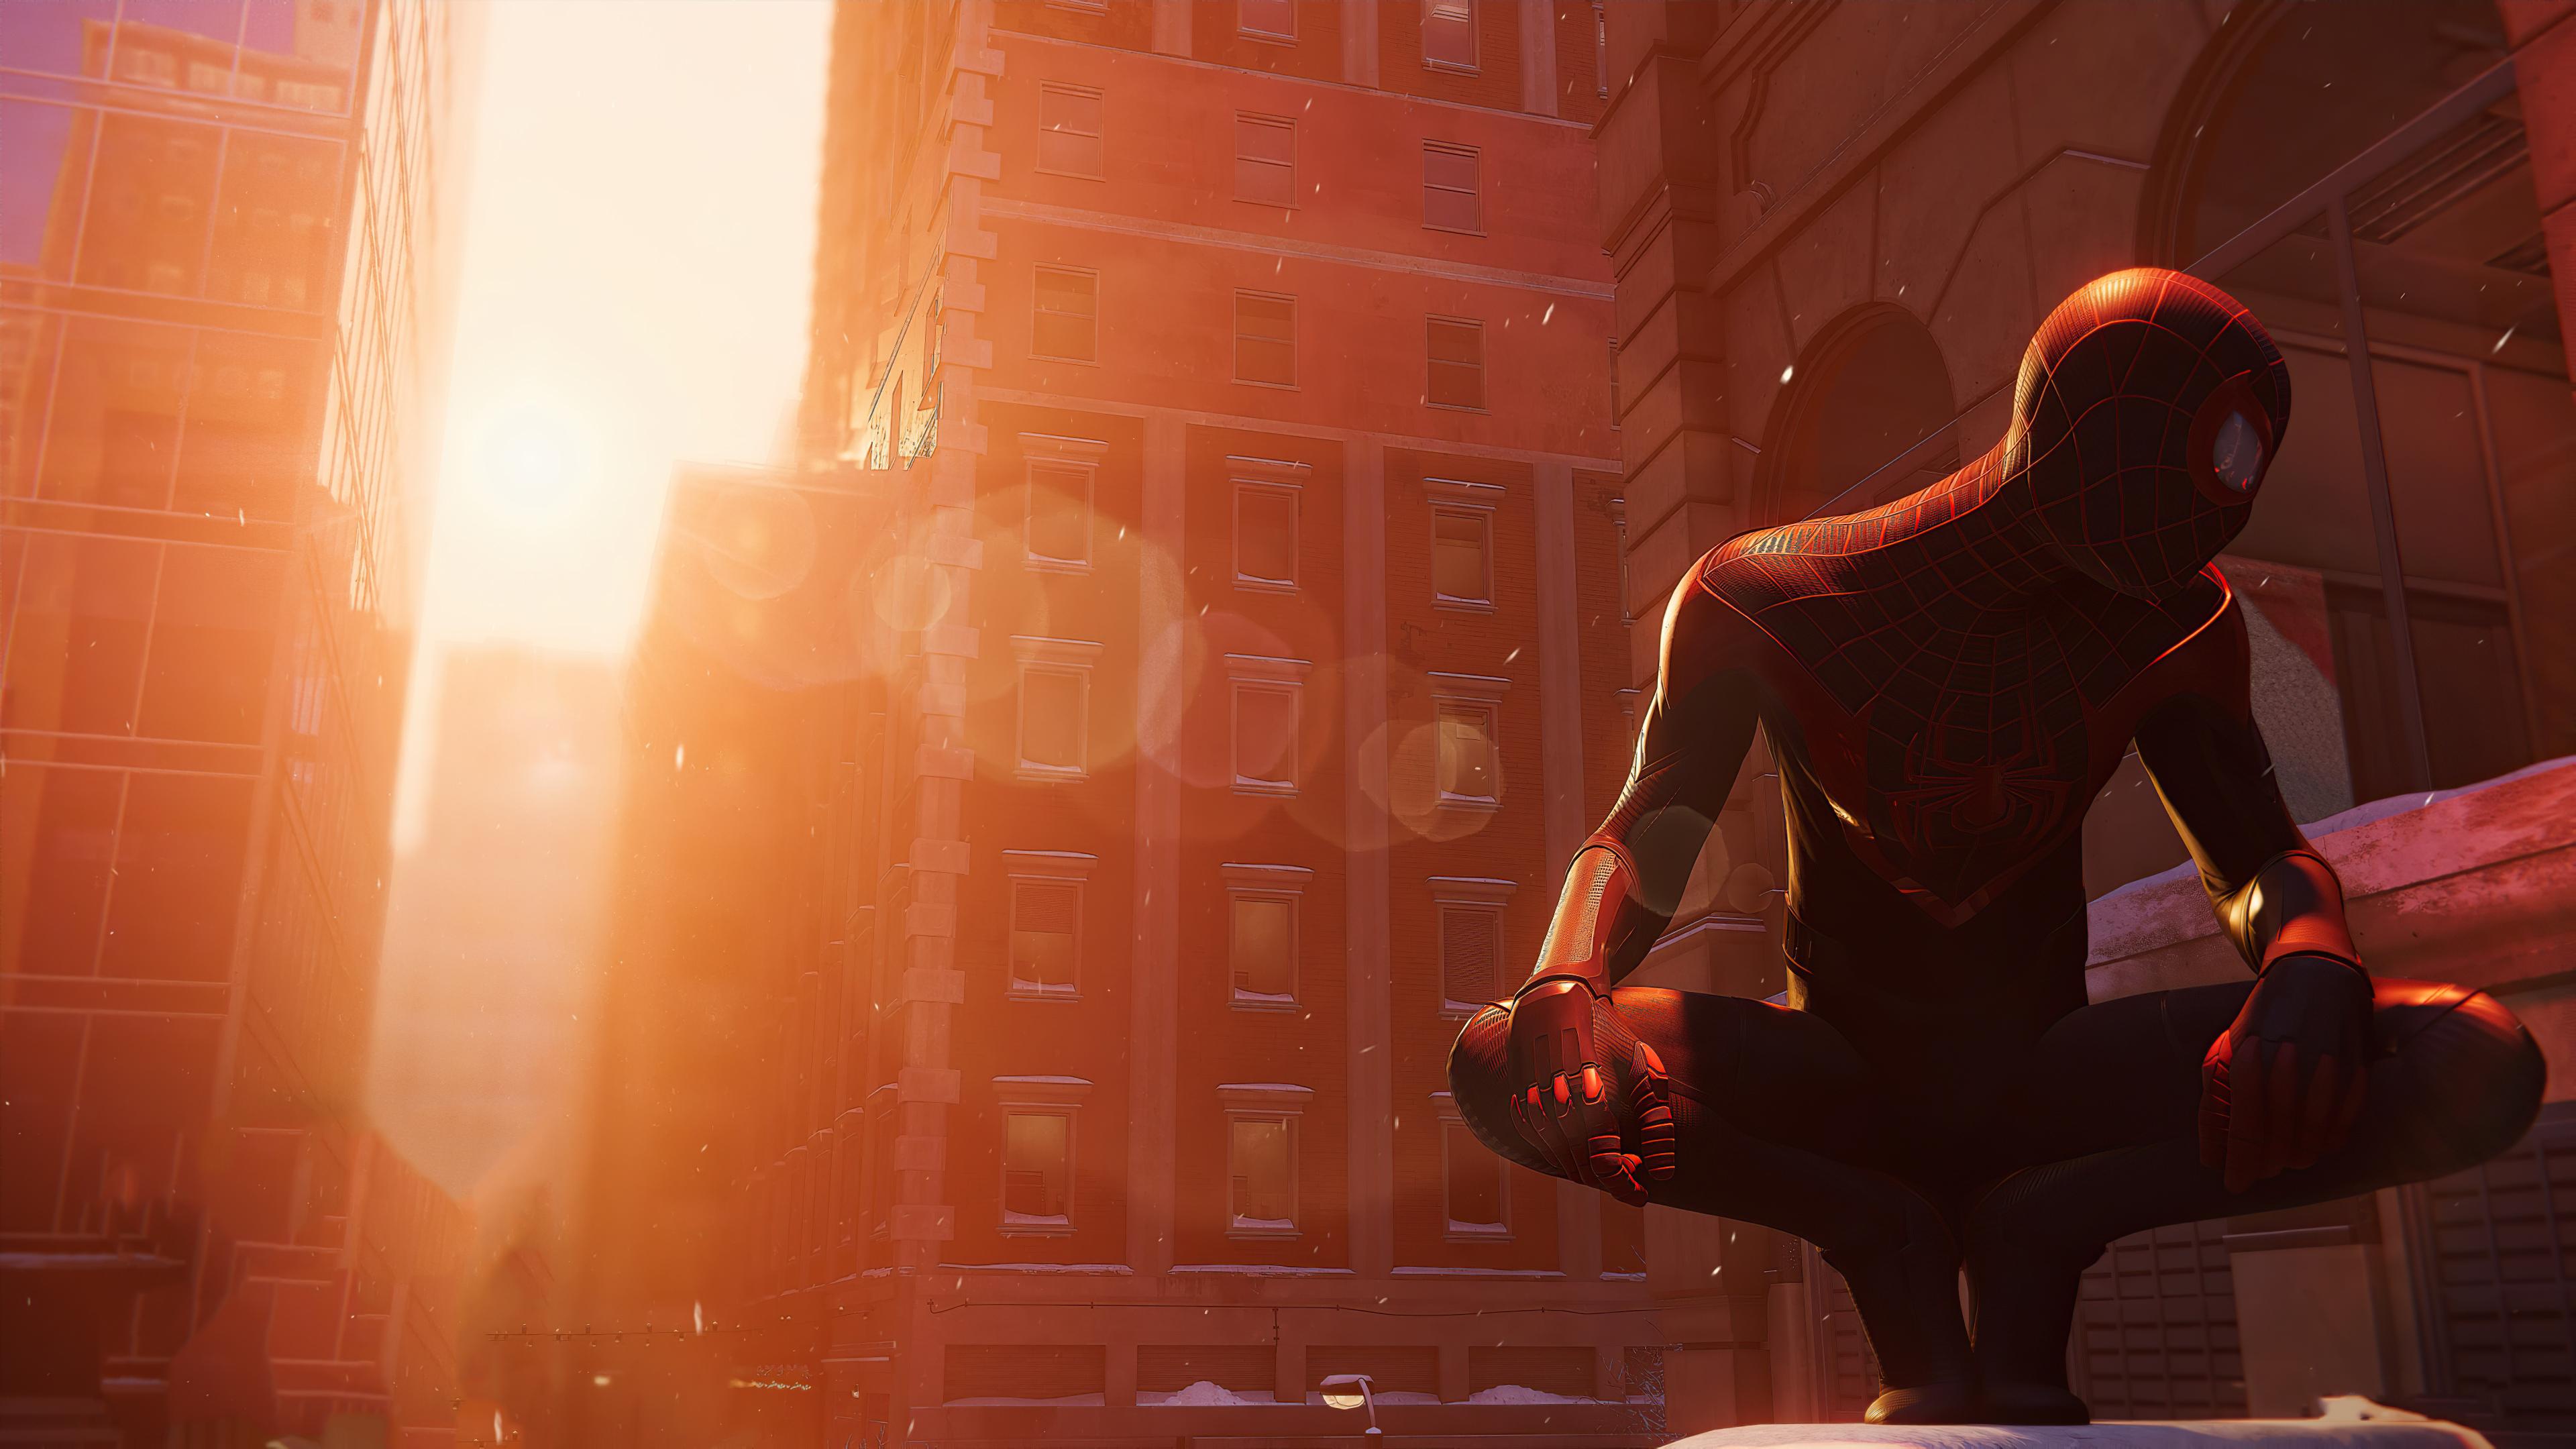 spiderman-miles-morales-2021-ps5-4k-rl.jpg